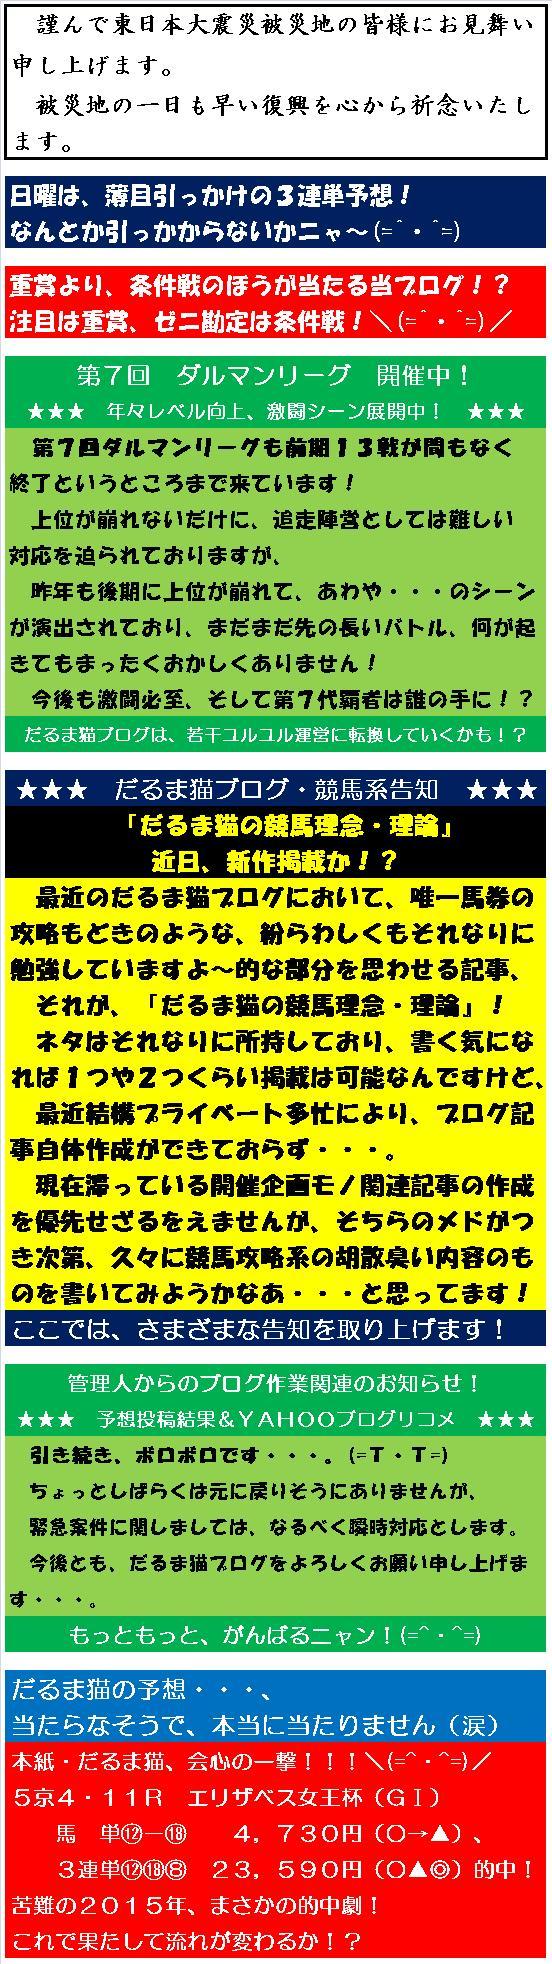 20151122・だるま猫の馬魂☆ヘッダー②.jpg